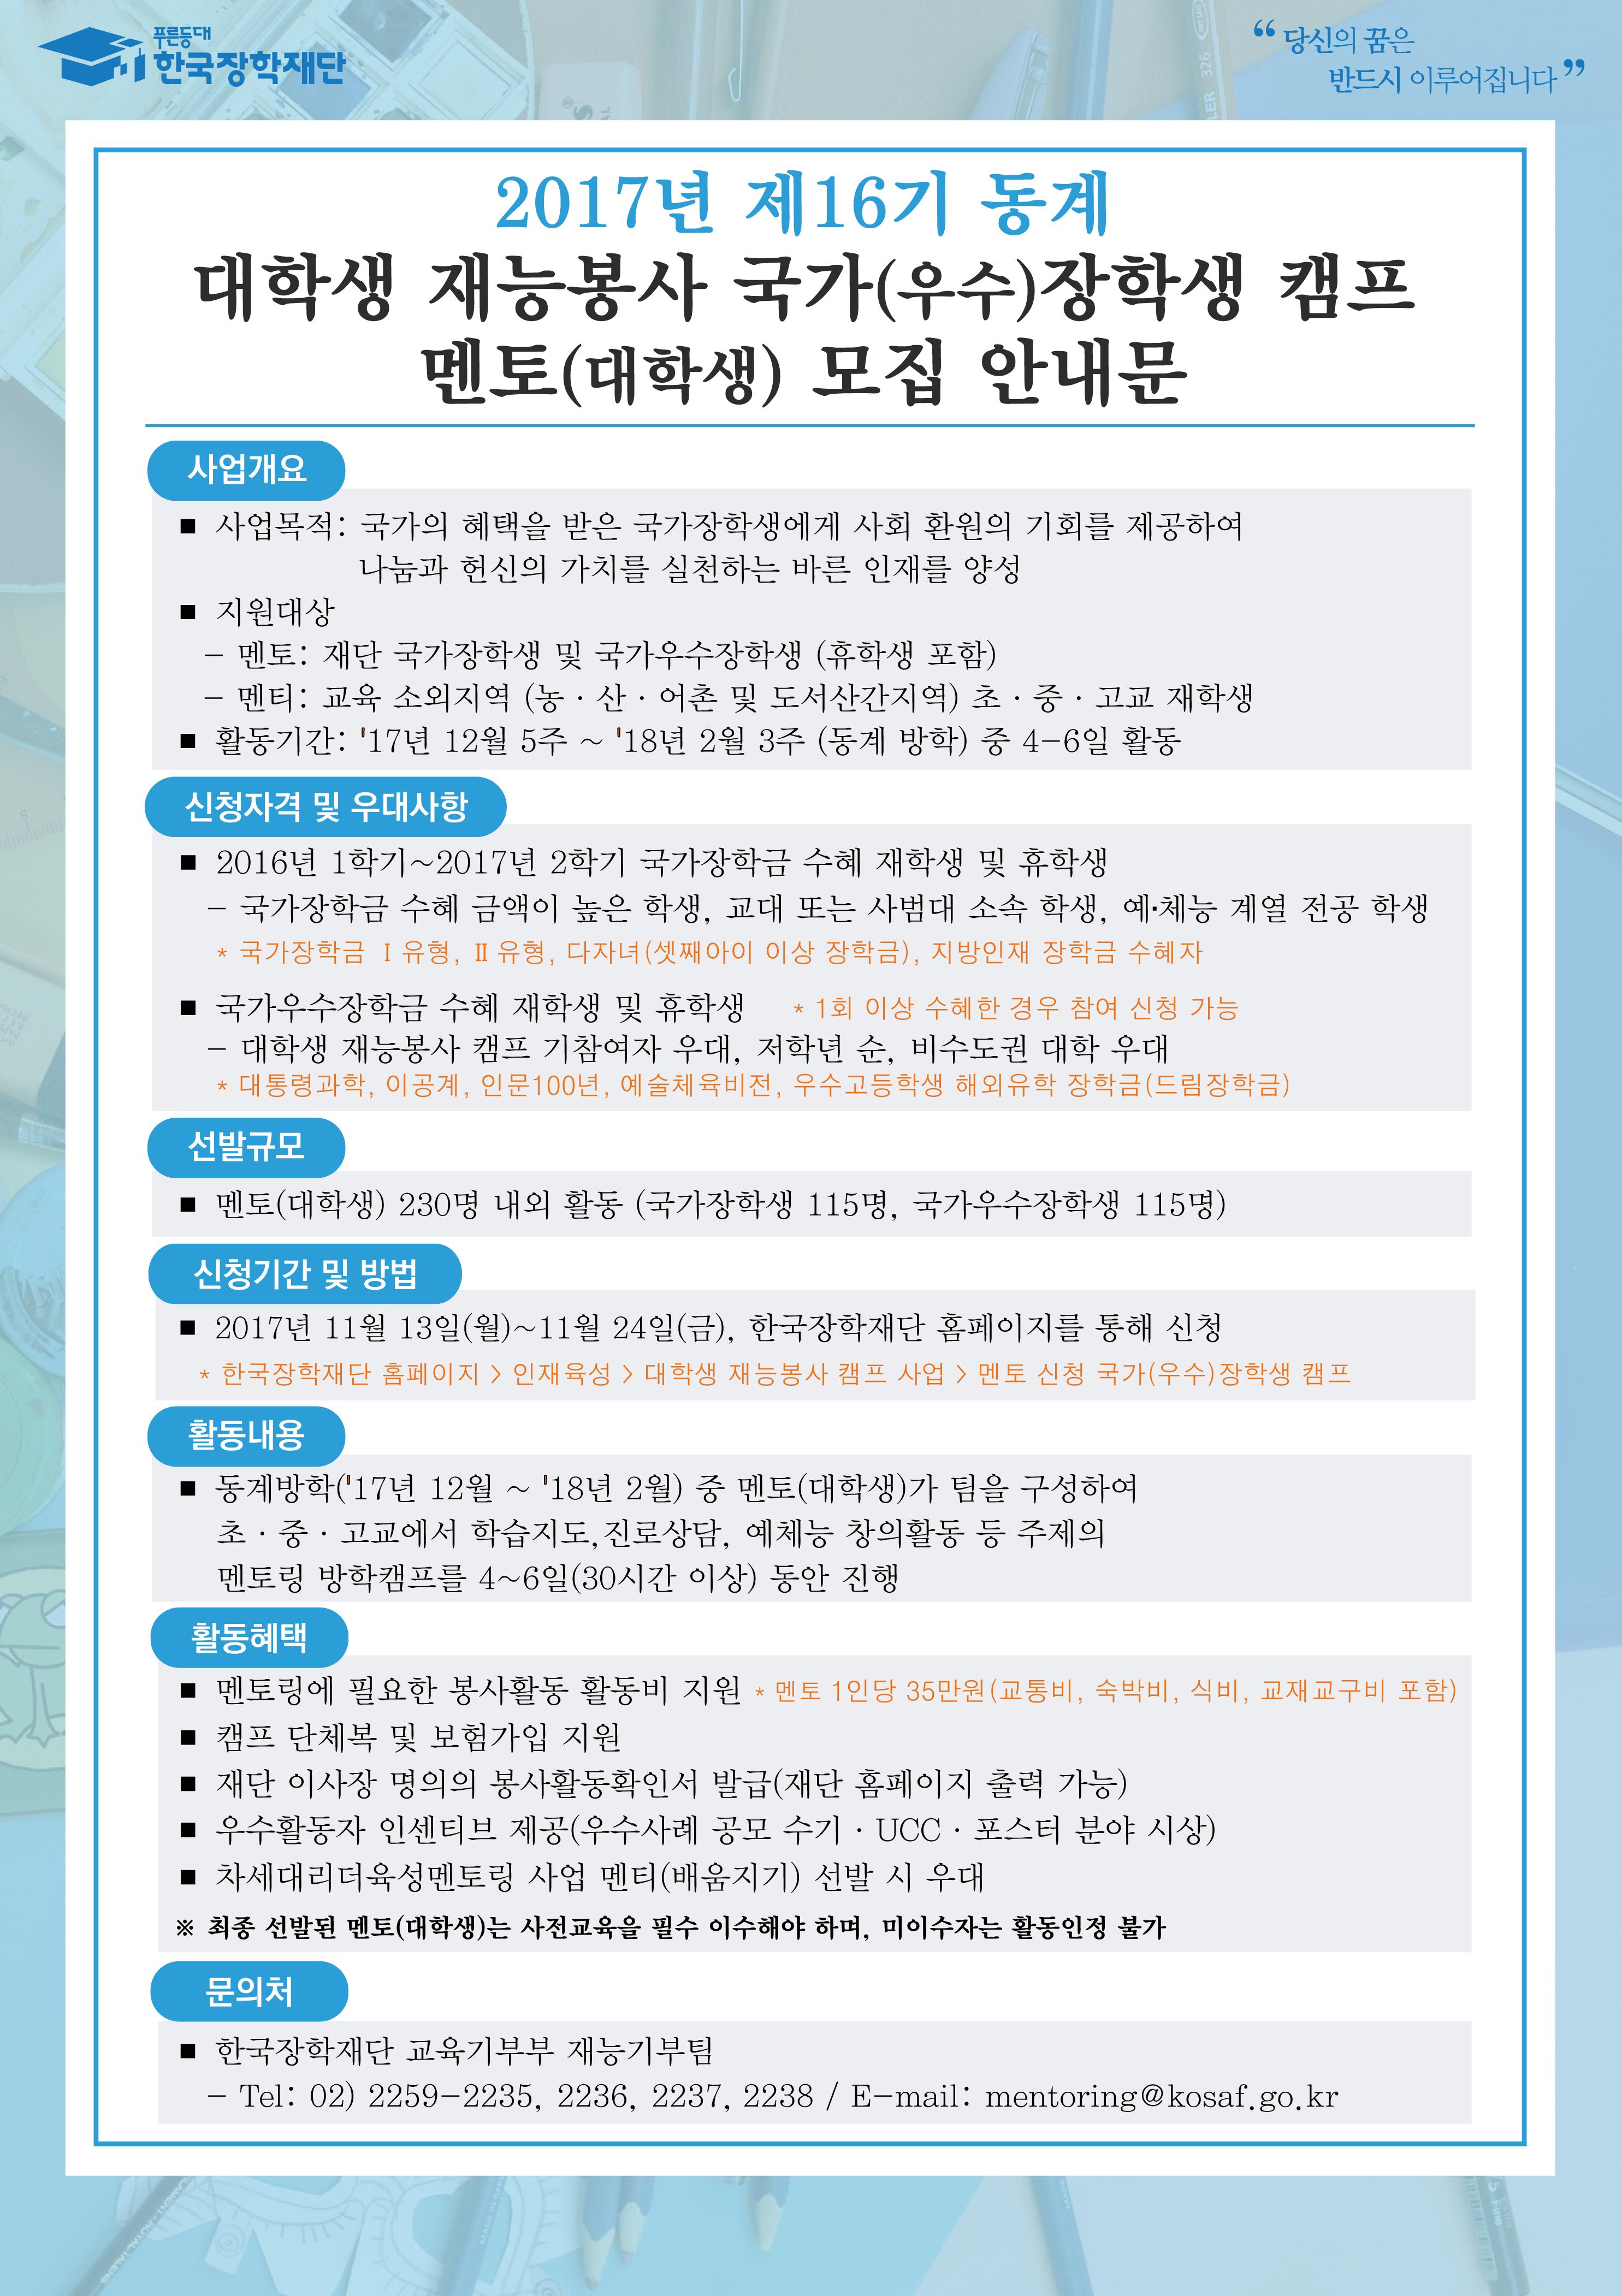 붙임1. 2017년 제16기 동계 대학생 재능봉사 국가(우수)장학생 캠프 안내문.png